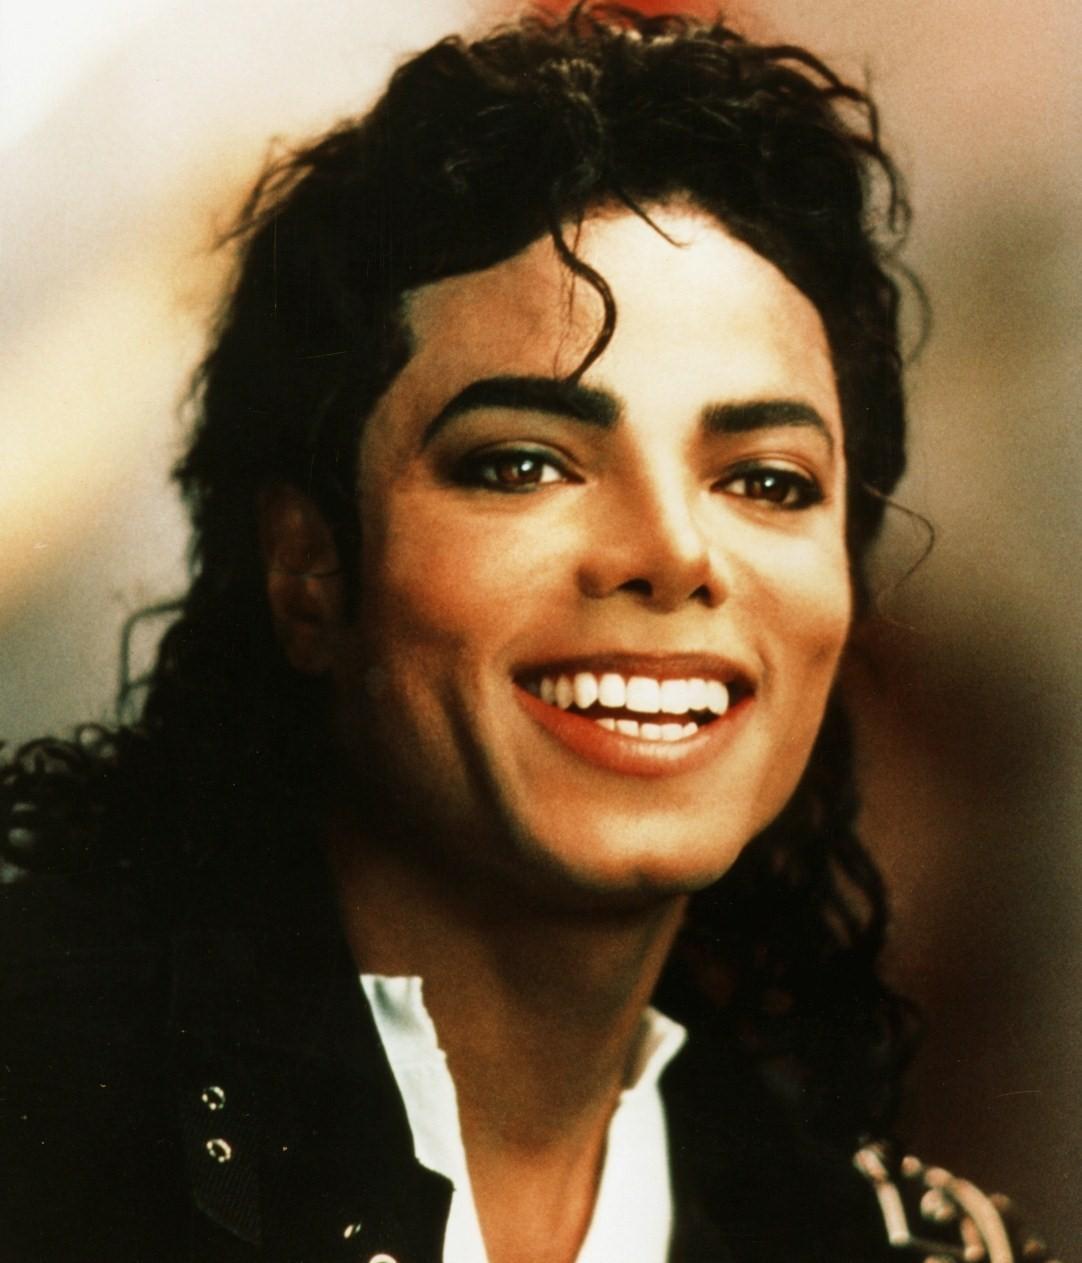 Dans ve müziğin efsane yıldızı Michael Jackson öldü. Jackson 50 yaşındaydı. tarihte bugün